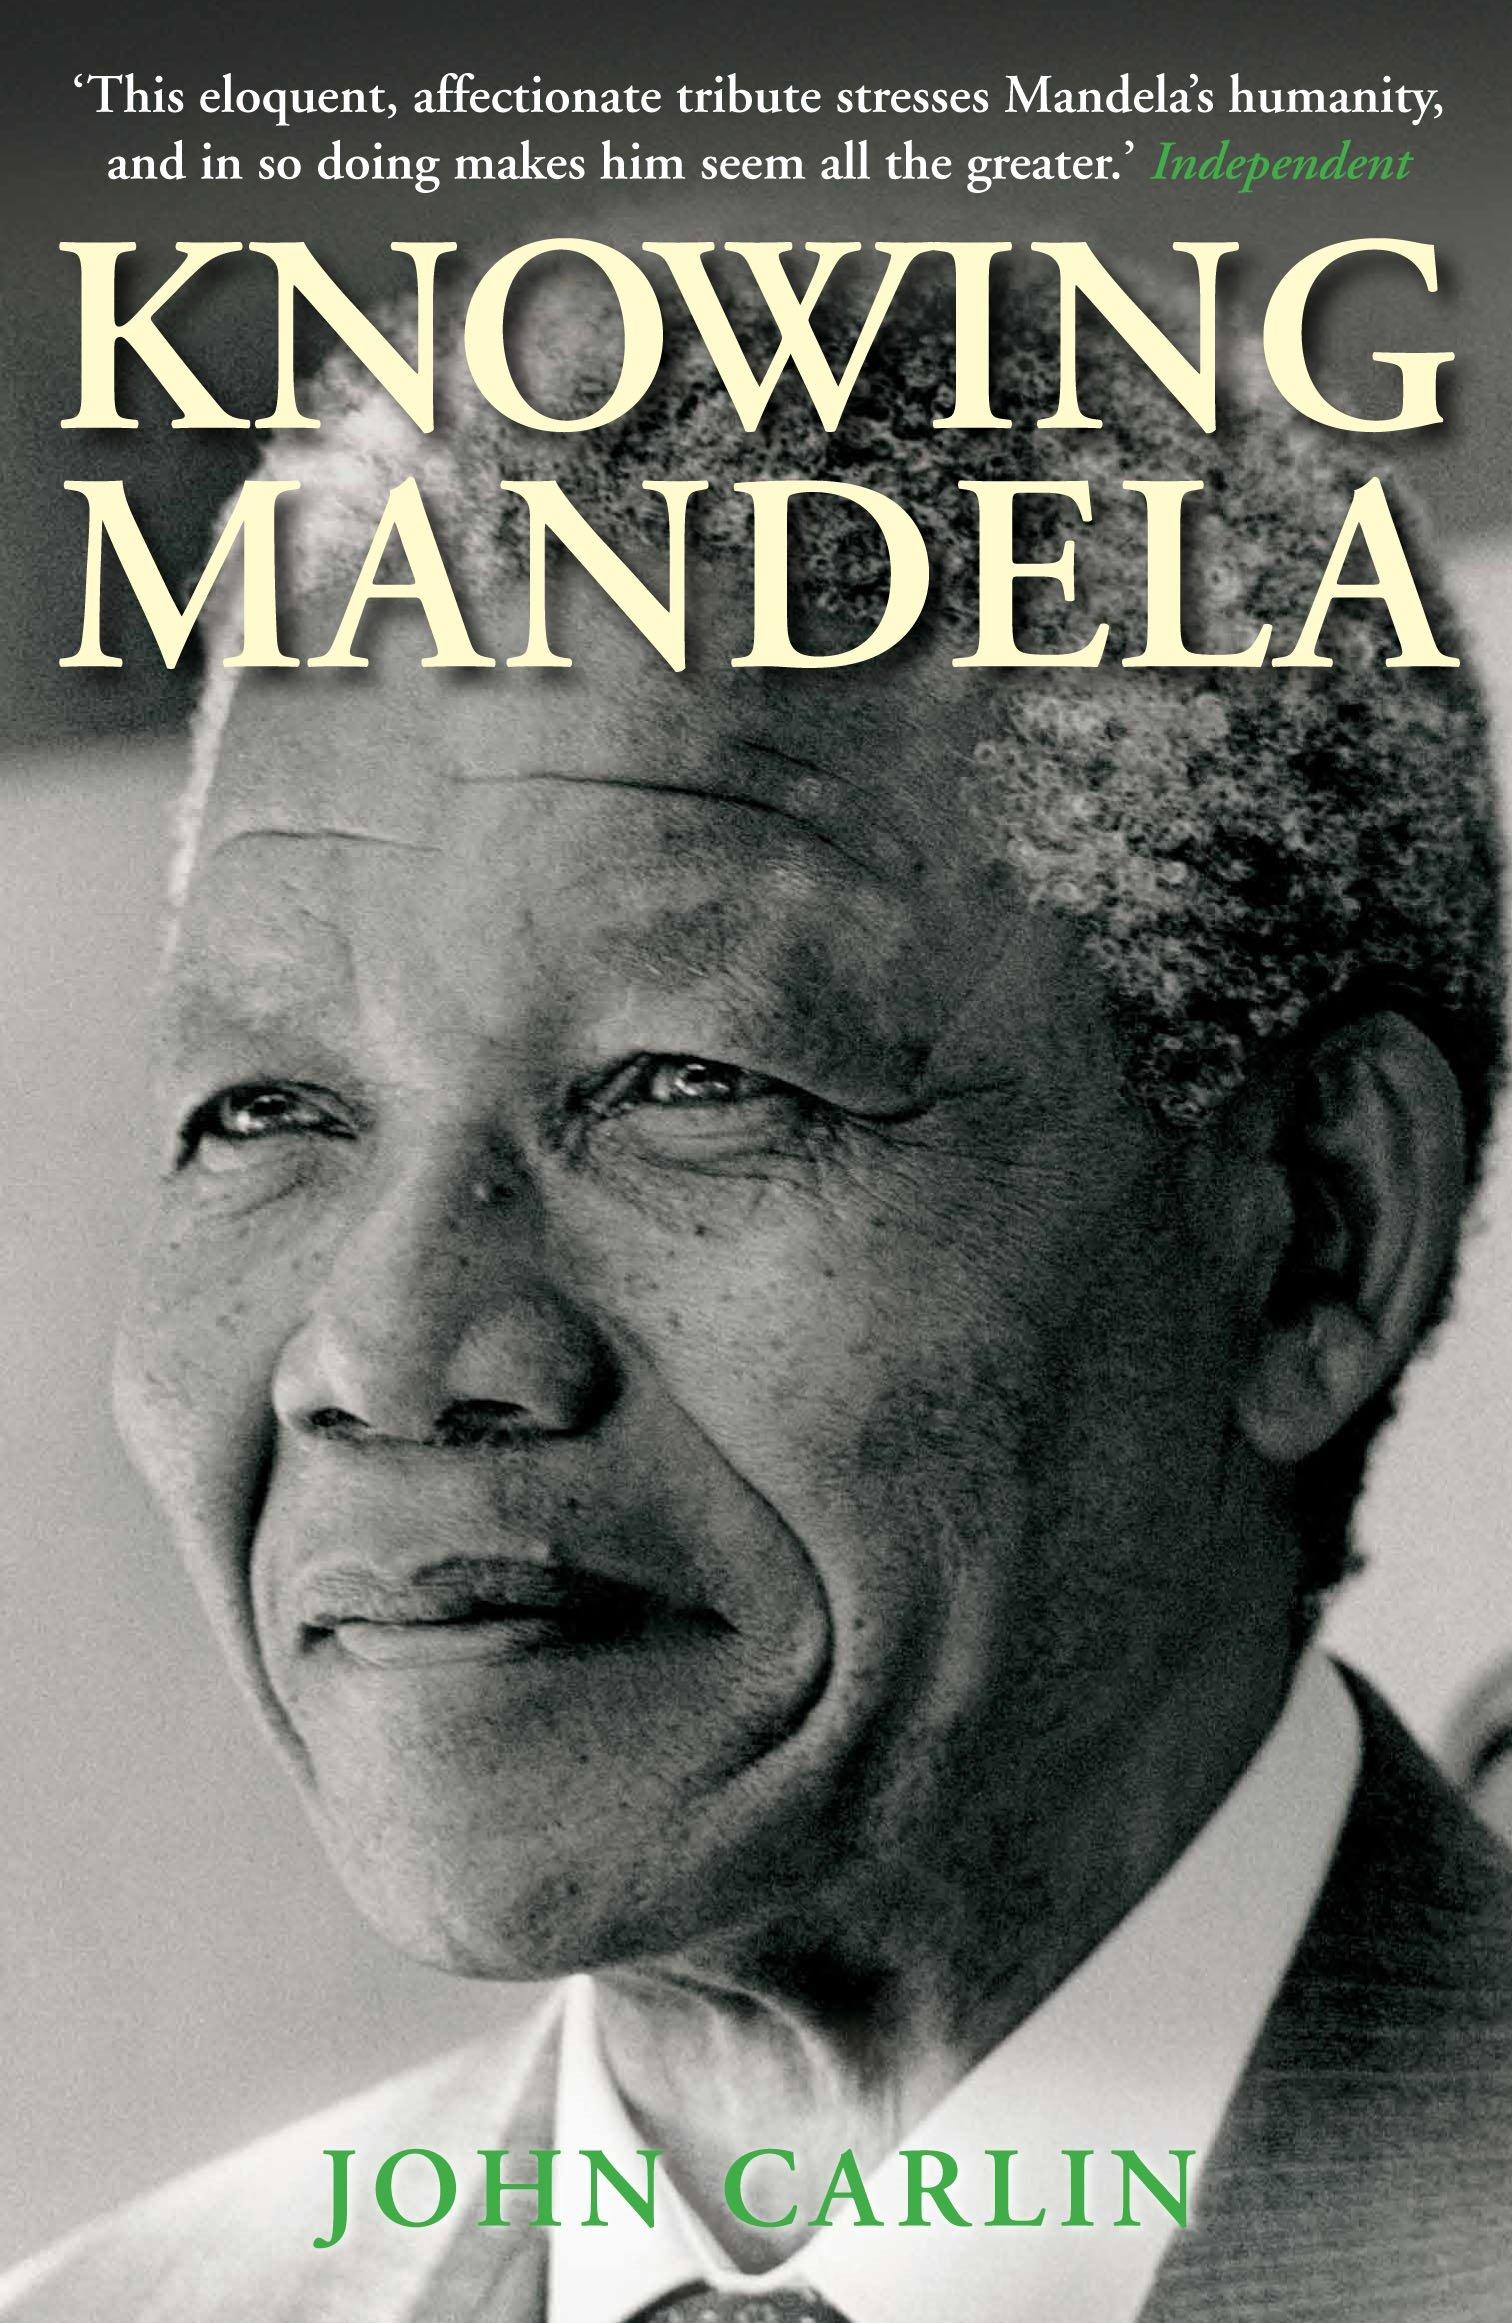 b1aae95ea Knowing Mandela: Amazon.es: John Carlin: Libros en idiomas extranjeros